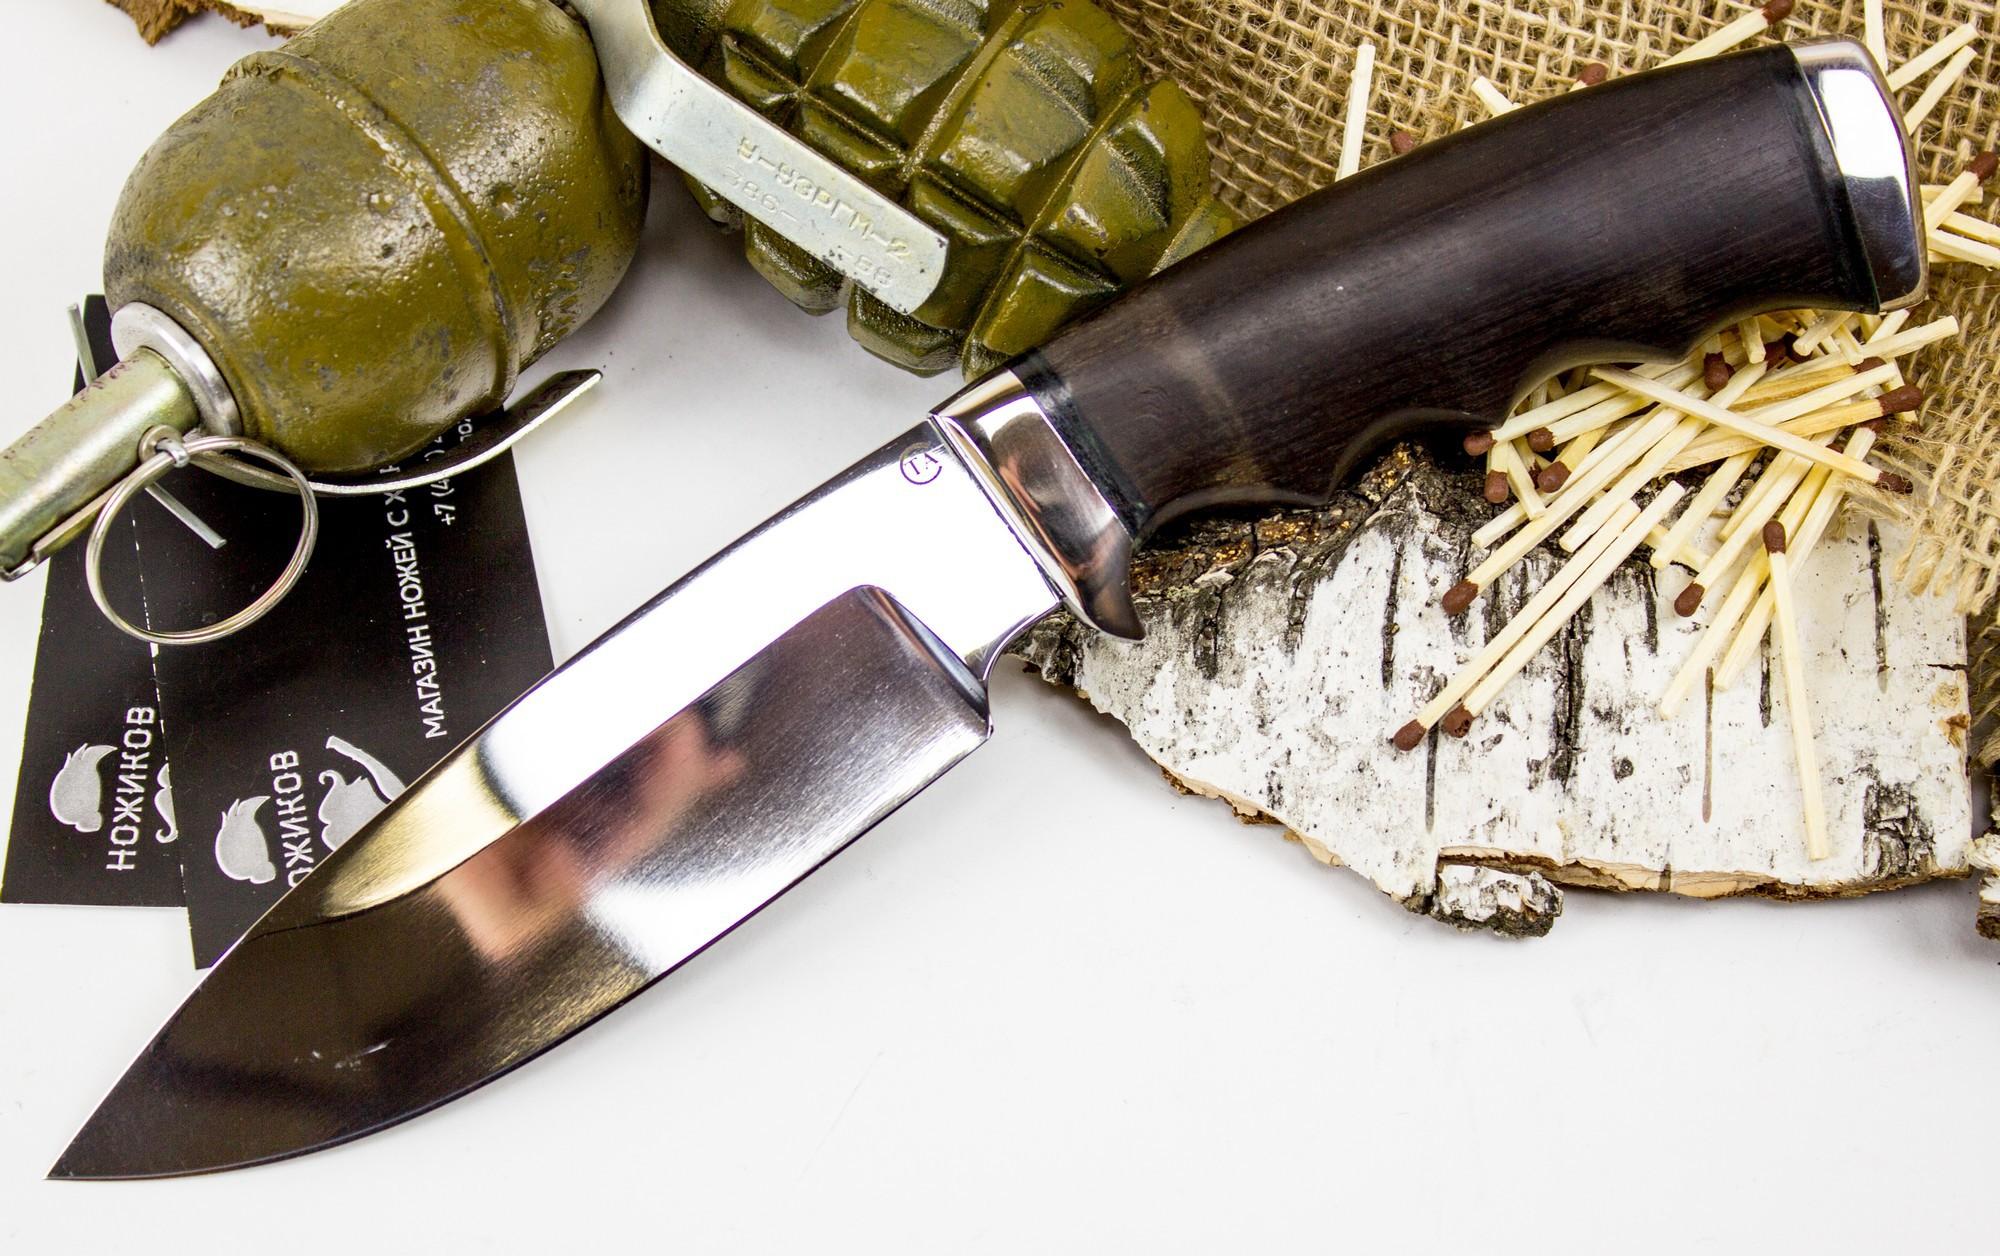 Нож Барсук-1, сталь 95х18Ножи Ворсма<br>Нож Барсук обладает широким функционалом, который пригодится в поле или в лесу. Сразу обращает на себя внимание продуманная эргономика этой модели. Нож имеет ниспадающий кончик, который находится ниже точки приложения силы при уколе. Таким ножом удобно разделывать добычу и аккуратно снимать шкуру. Рукоять ножа оснащена подпальцевым выемками под каждый палец. Такая особенность гарантирует точную передачу усилия от руки к режущей кромке. Тыльная часть ножа выполнена из стали. При необходимости, ее можно использовать в качестве ударного элемента.<br>